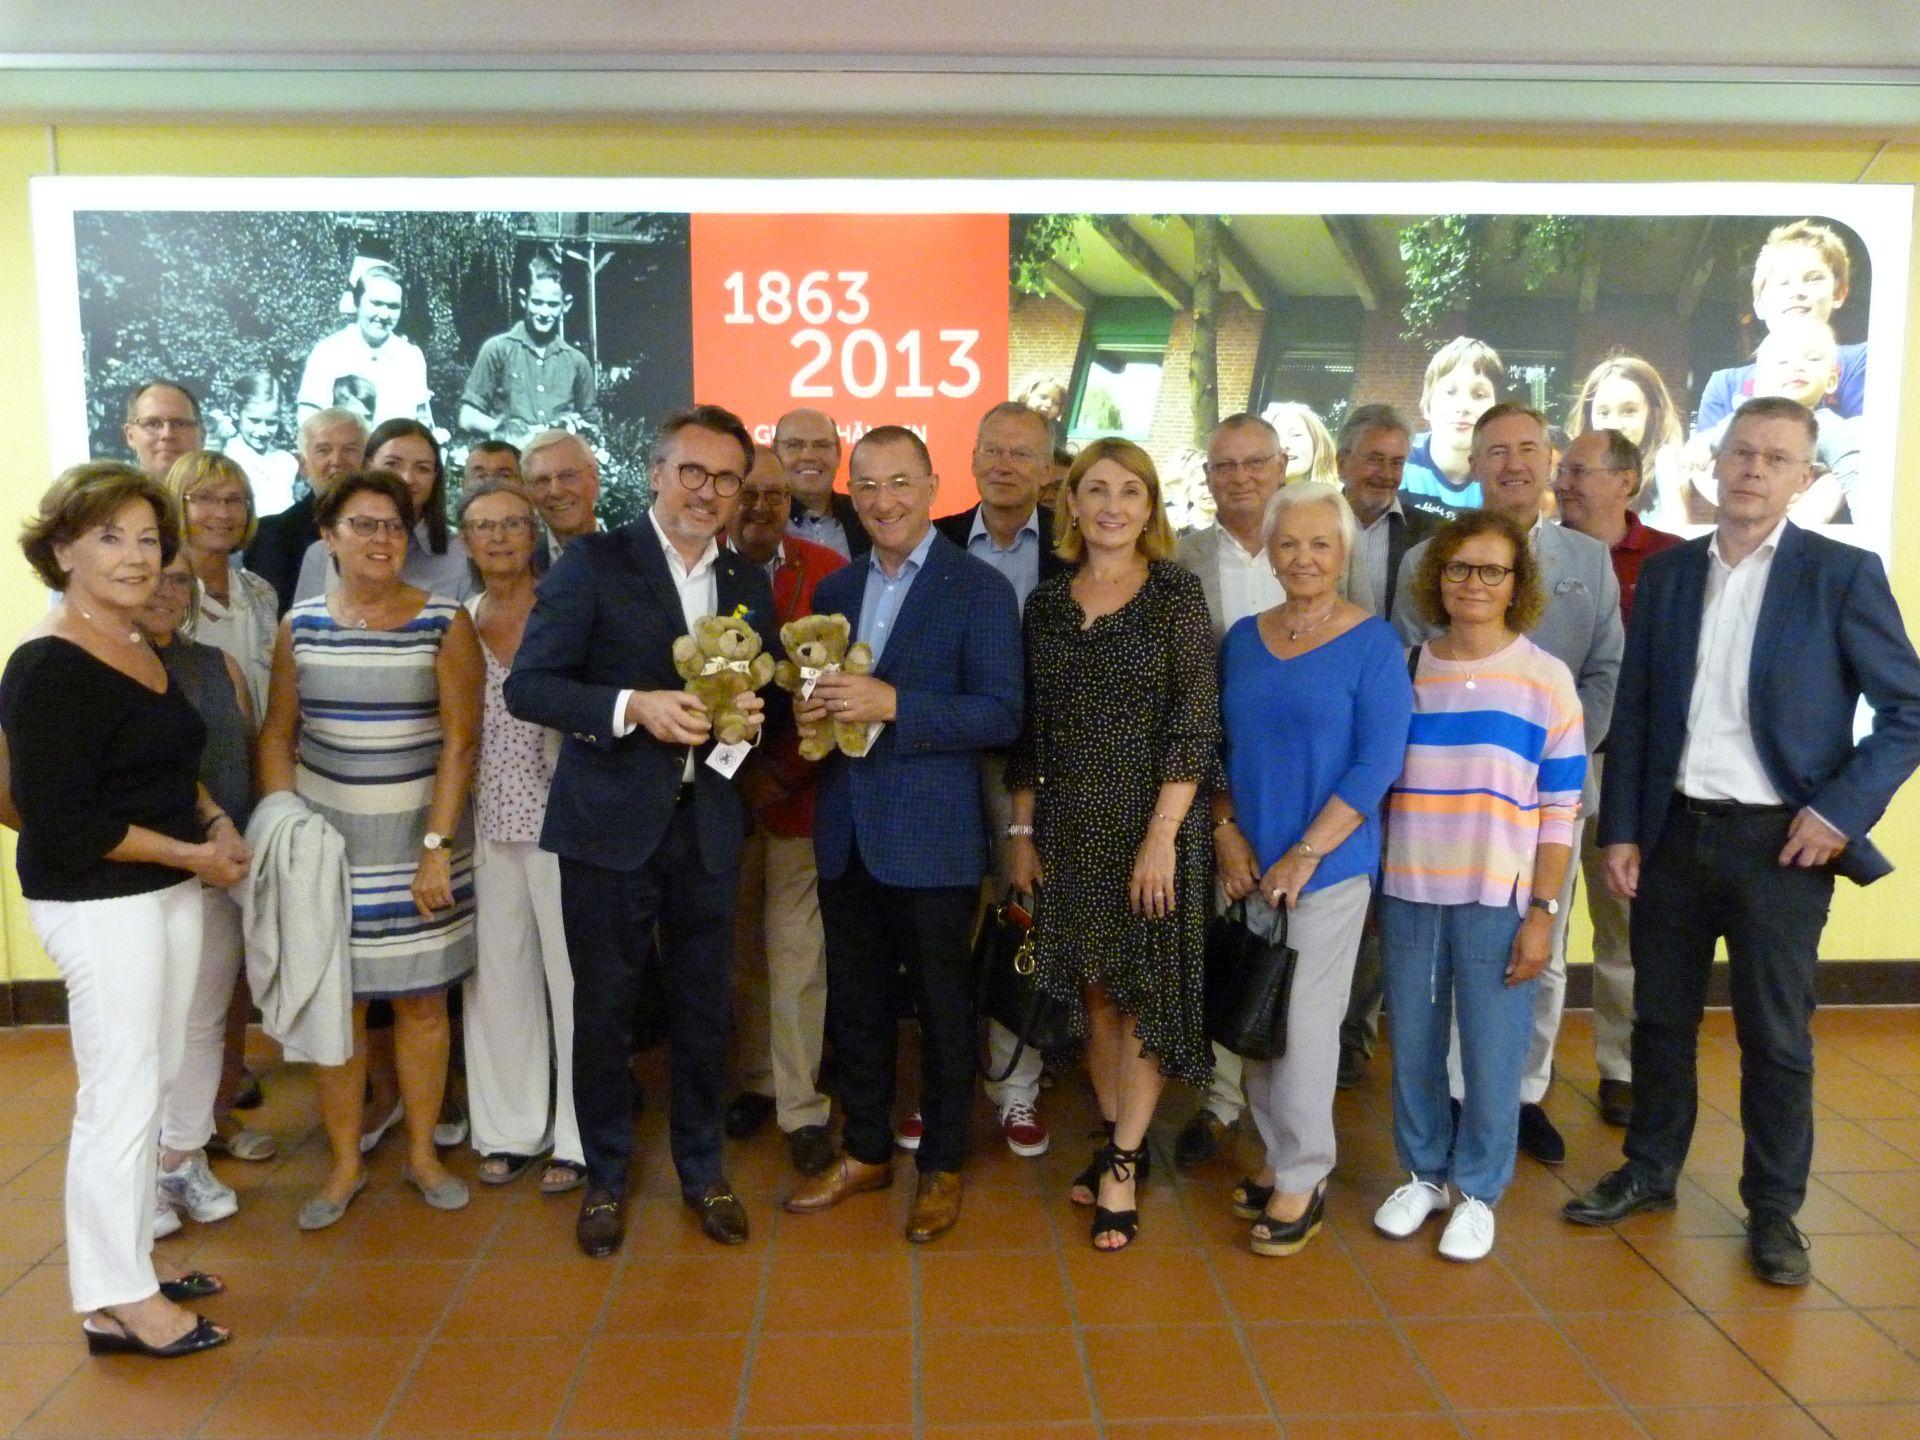 Lions Club Hannover-Tiergarten zu Gast im Kinderkrankenhaus Auf der Bult